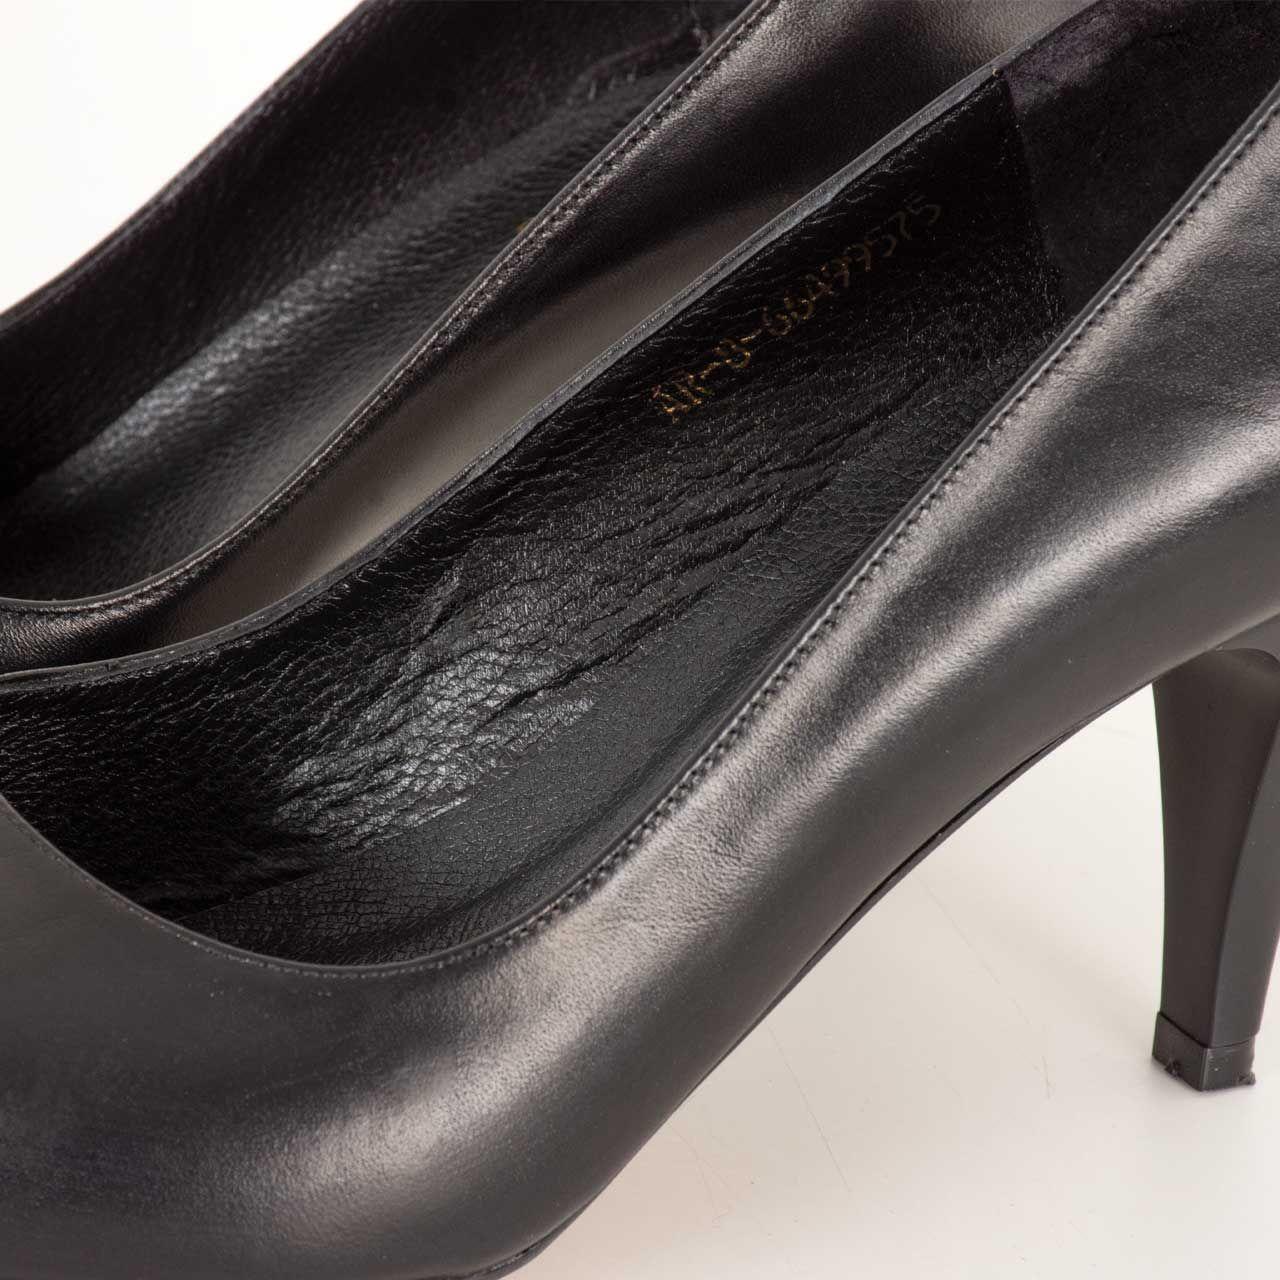 کفش زنانه پارینه چرم مدل show44 -  - 5